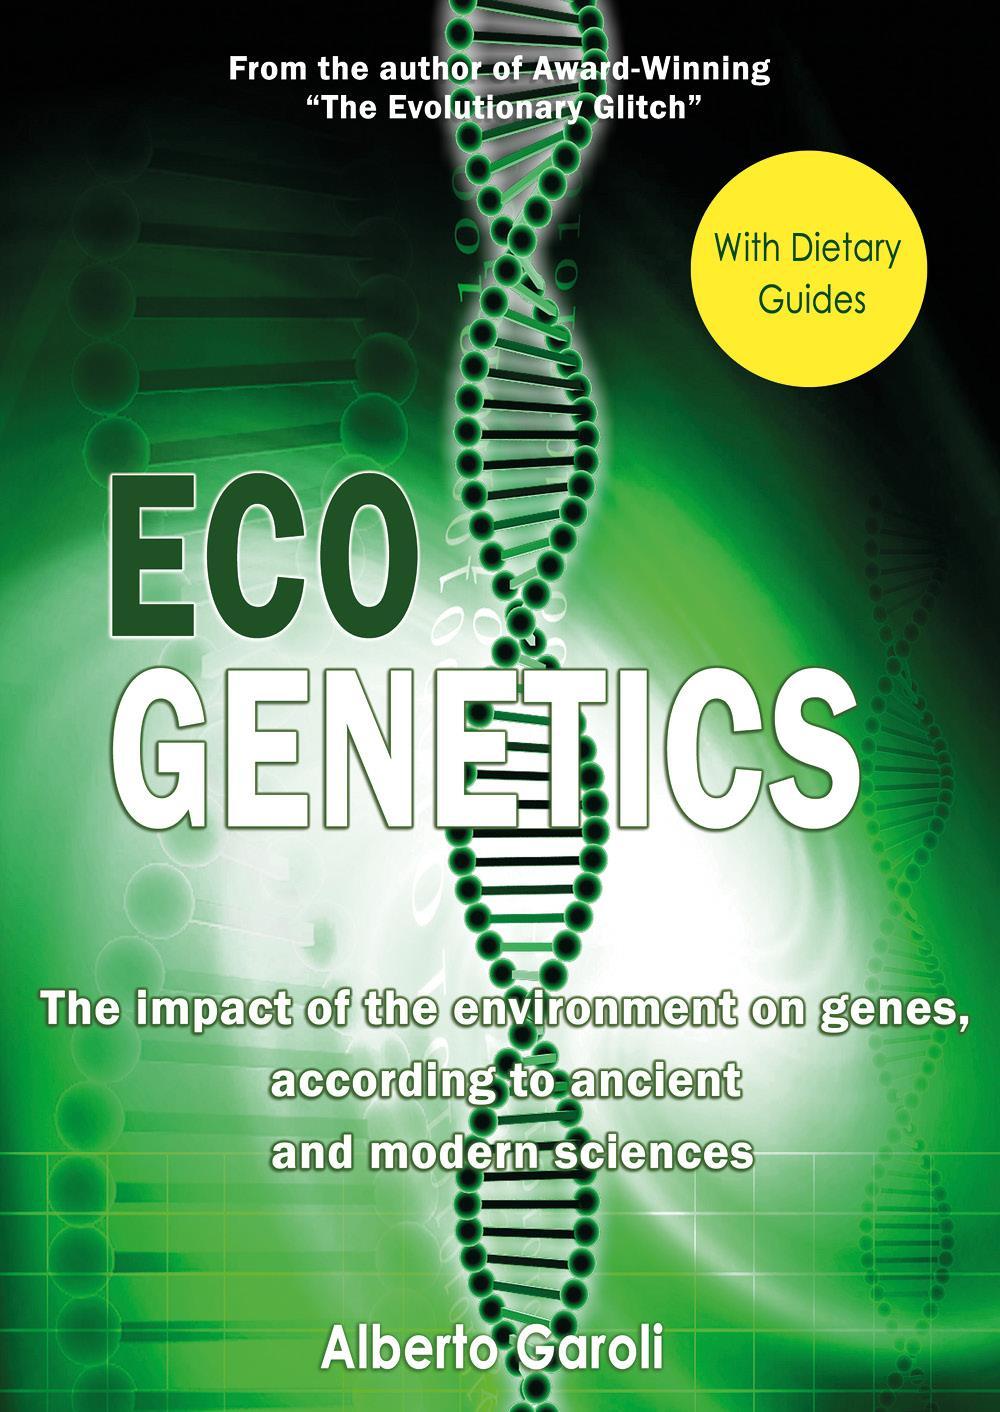 Ecogenetics